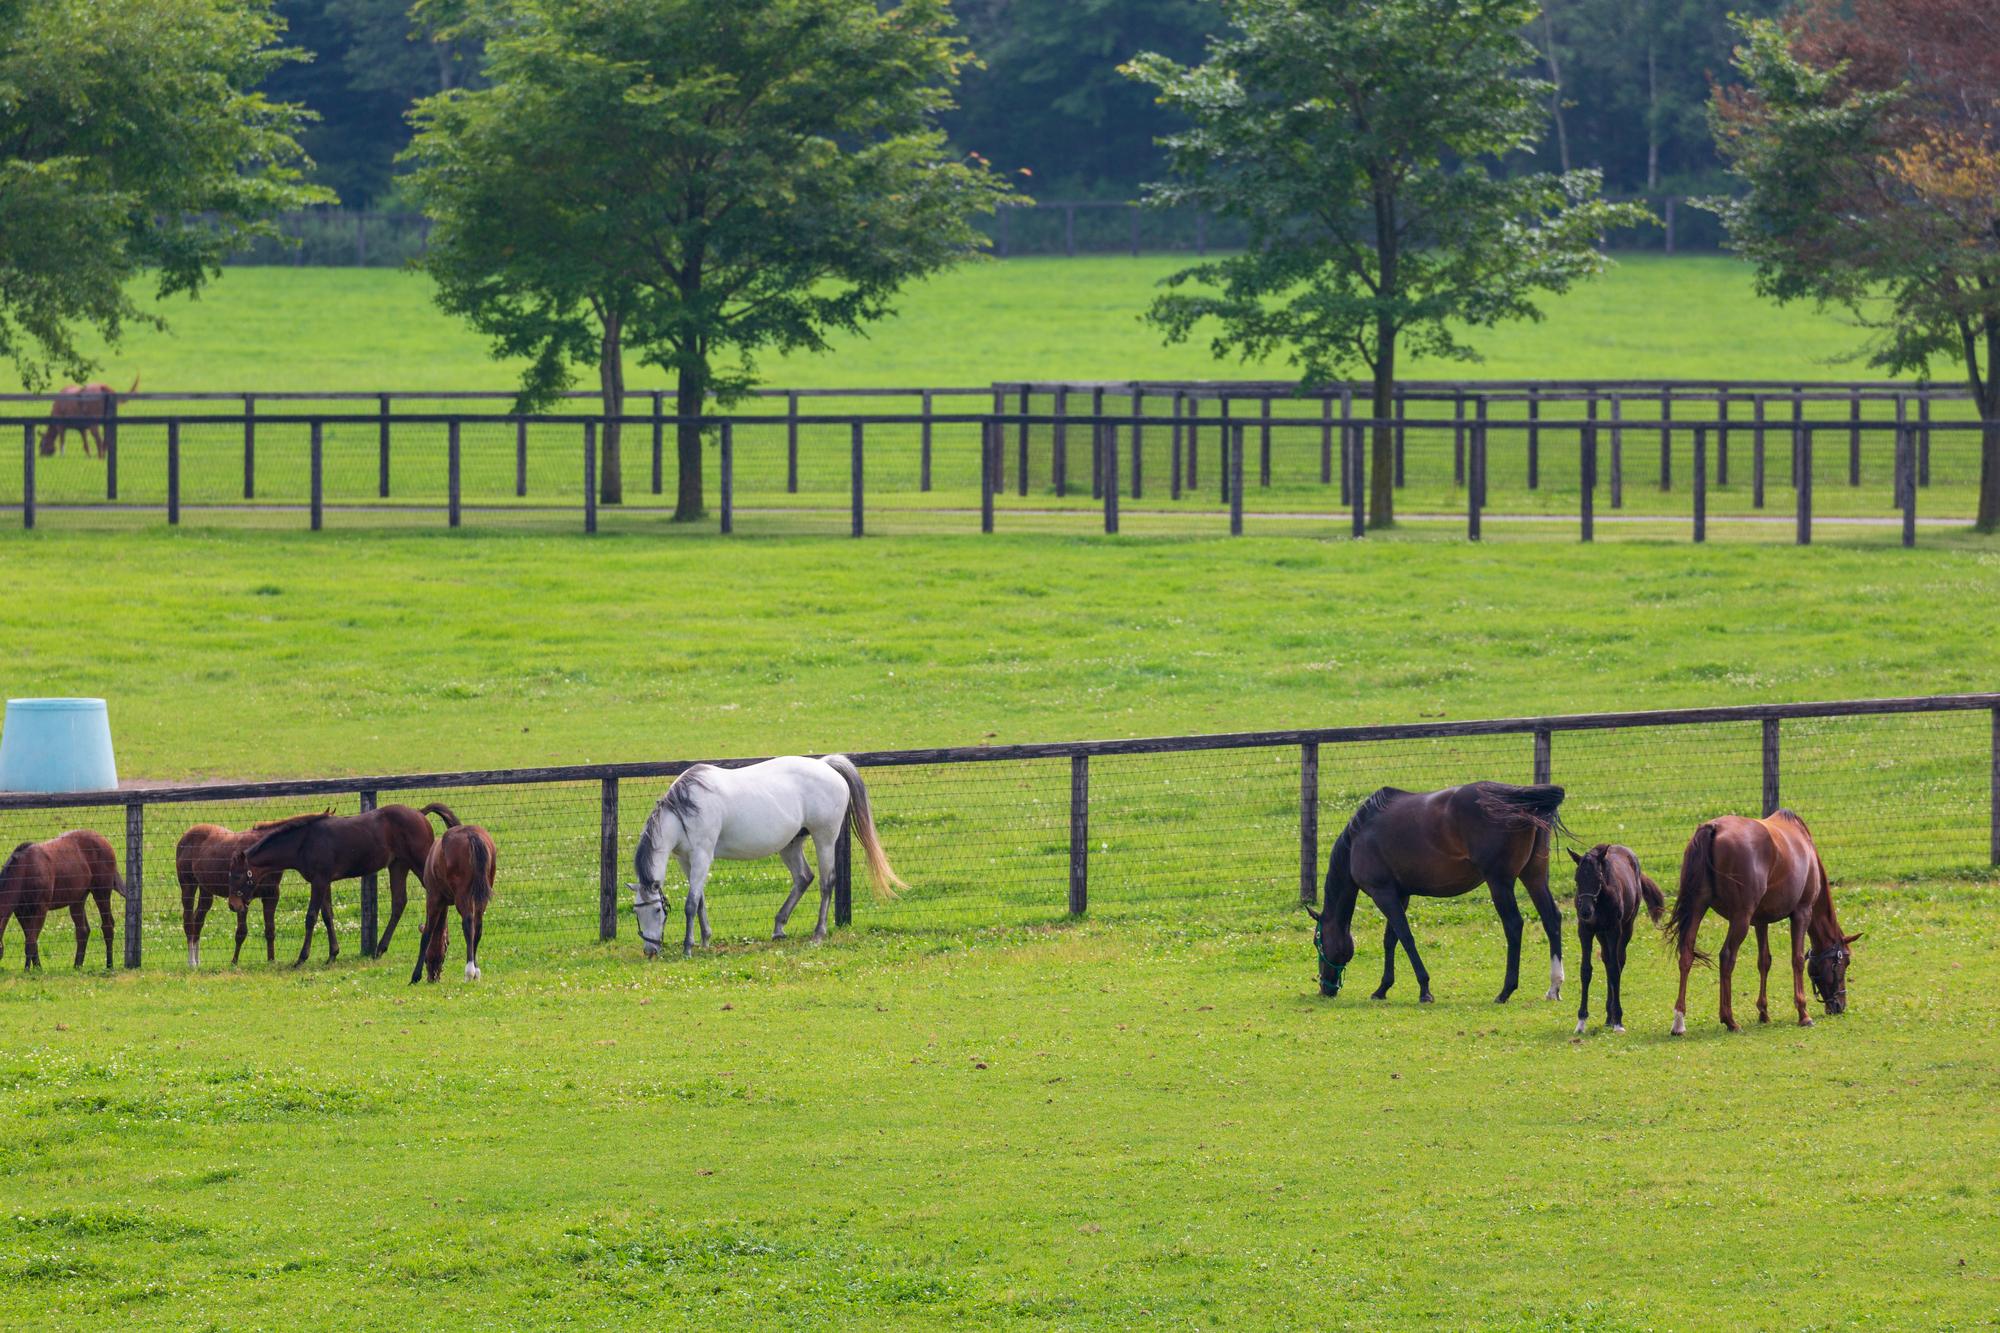 競馬予想屋は馬のどのようなところを見ているのか